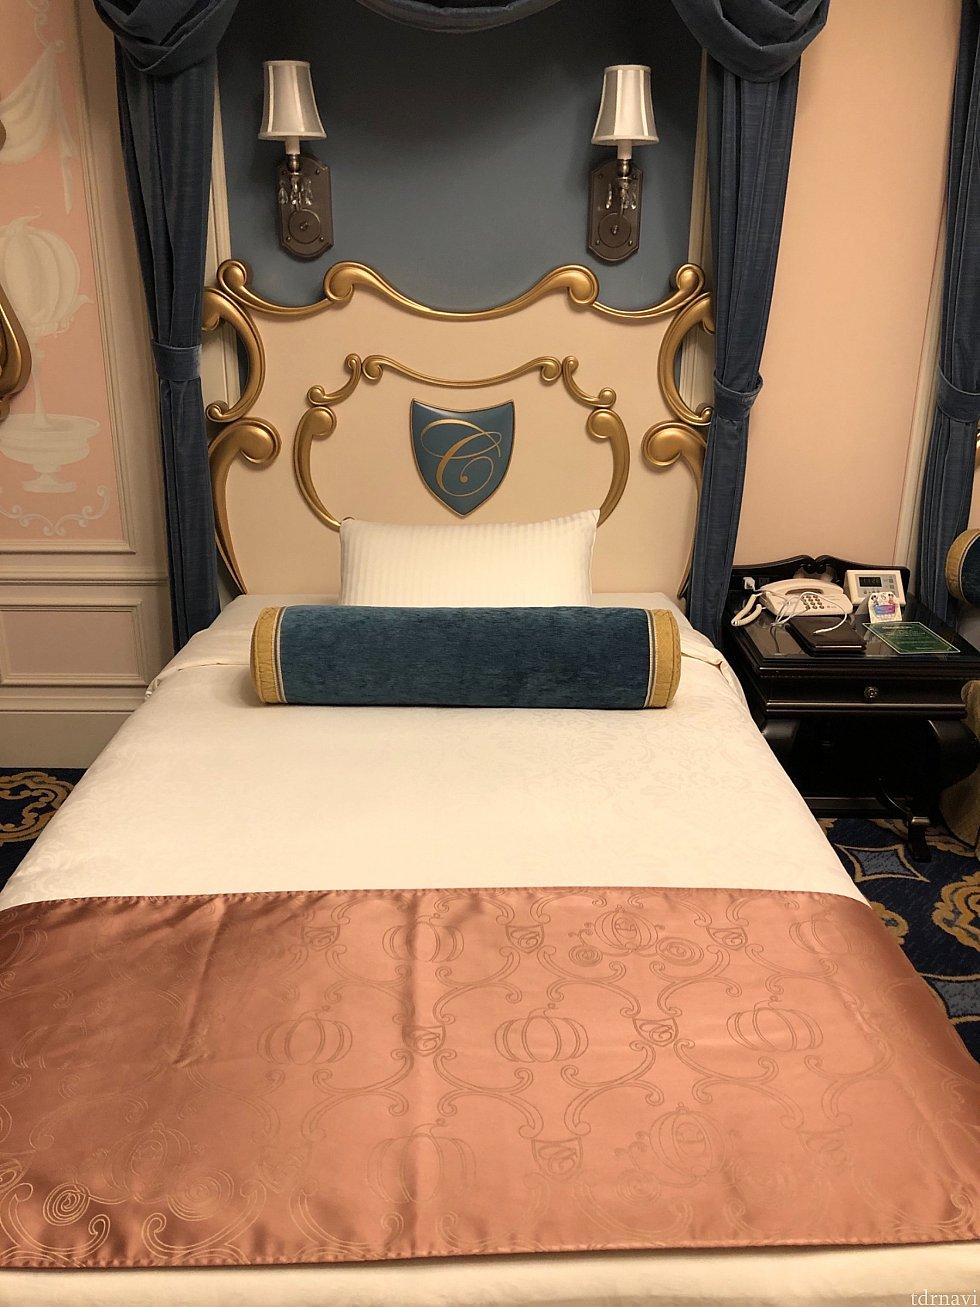 素敵なベッドルームでした! 枕元にはコンセントが2つあります。